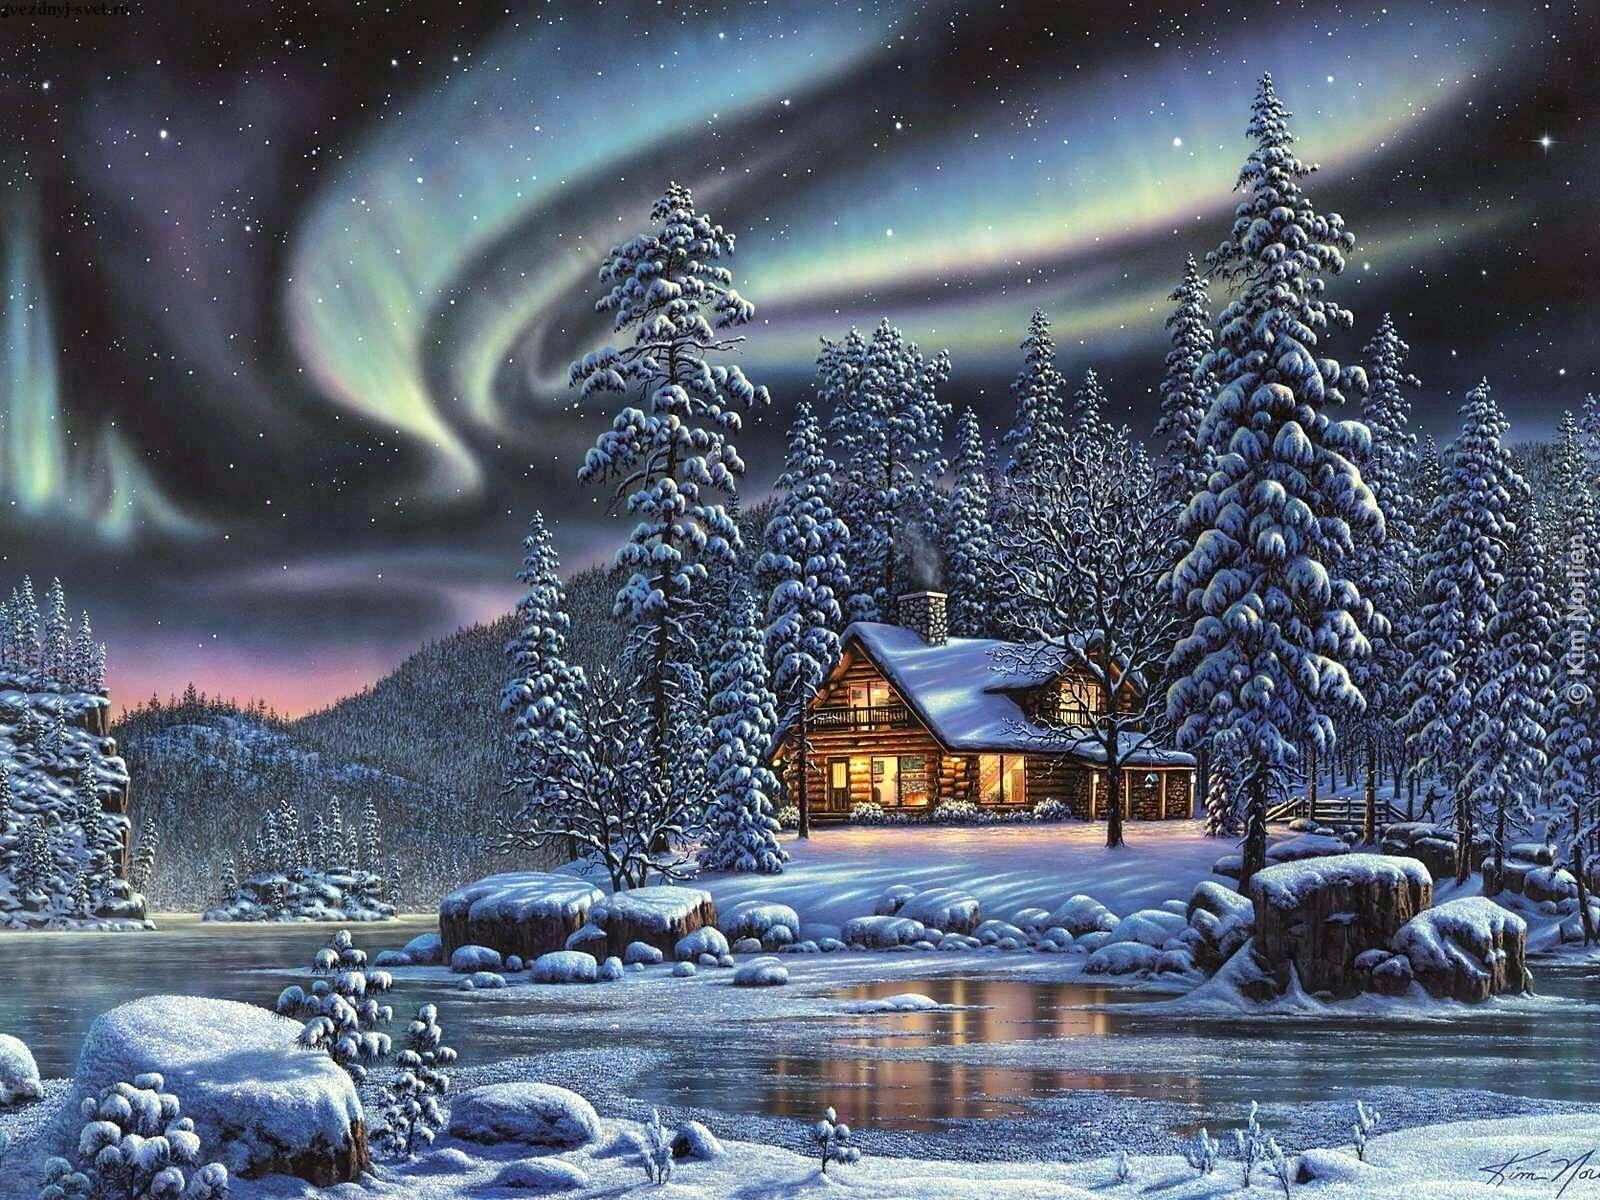 kim norlien fantasy sci fi artistic art landscapes nature. Black Bedroom Furniture Sets. Home Design Ideas